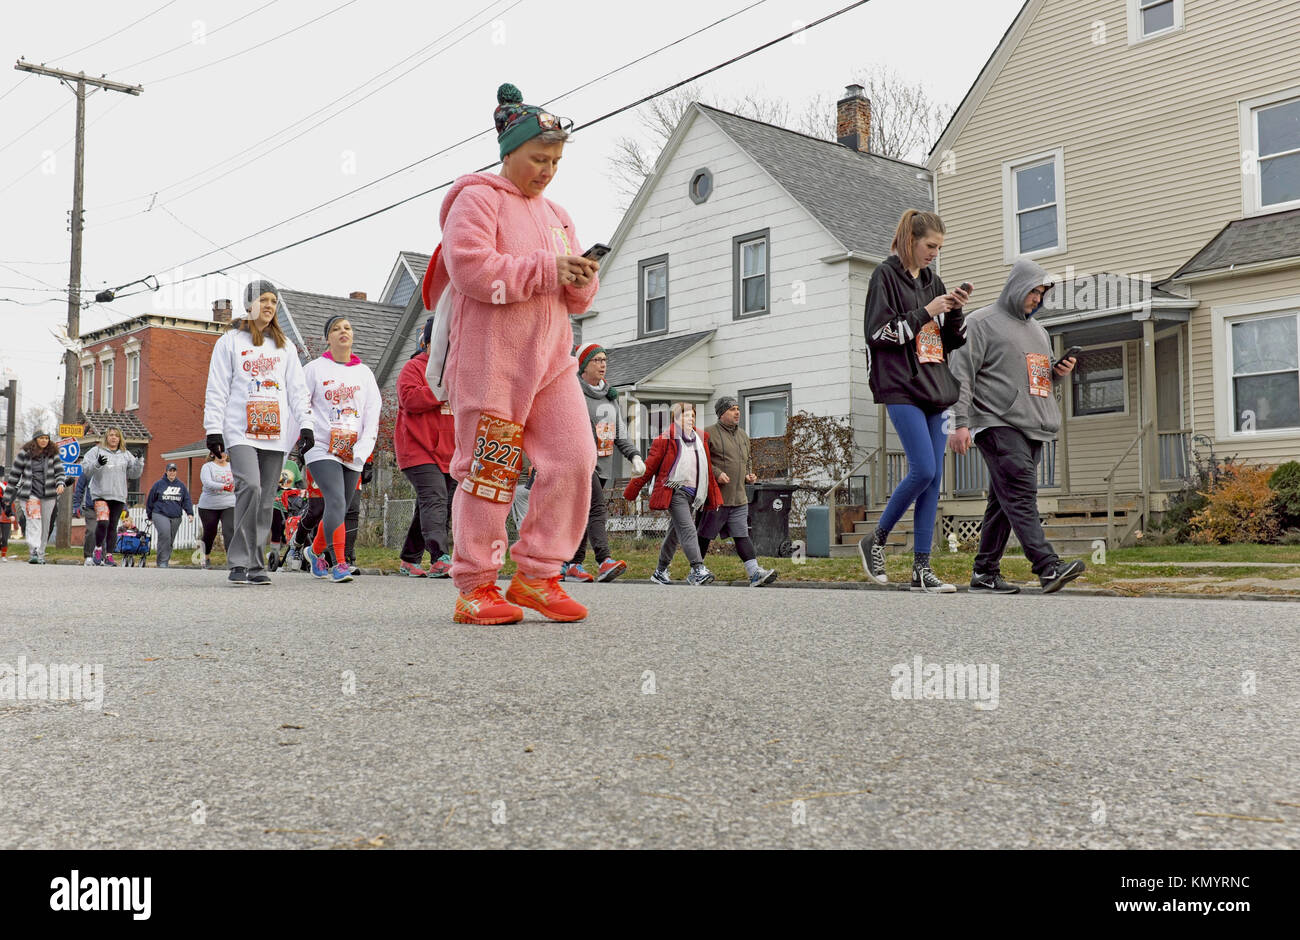 Cleveland Ohio Christmas Stock Photos & Cleveland Ohio